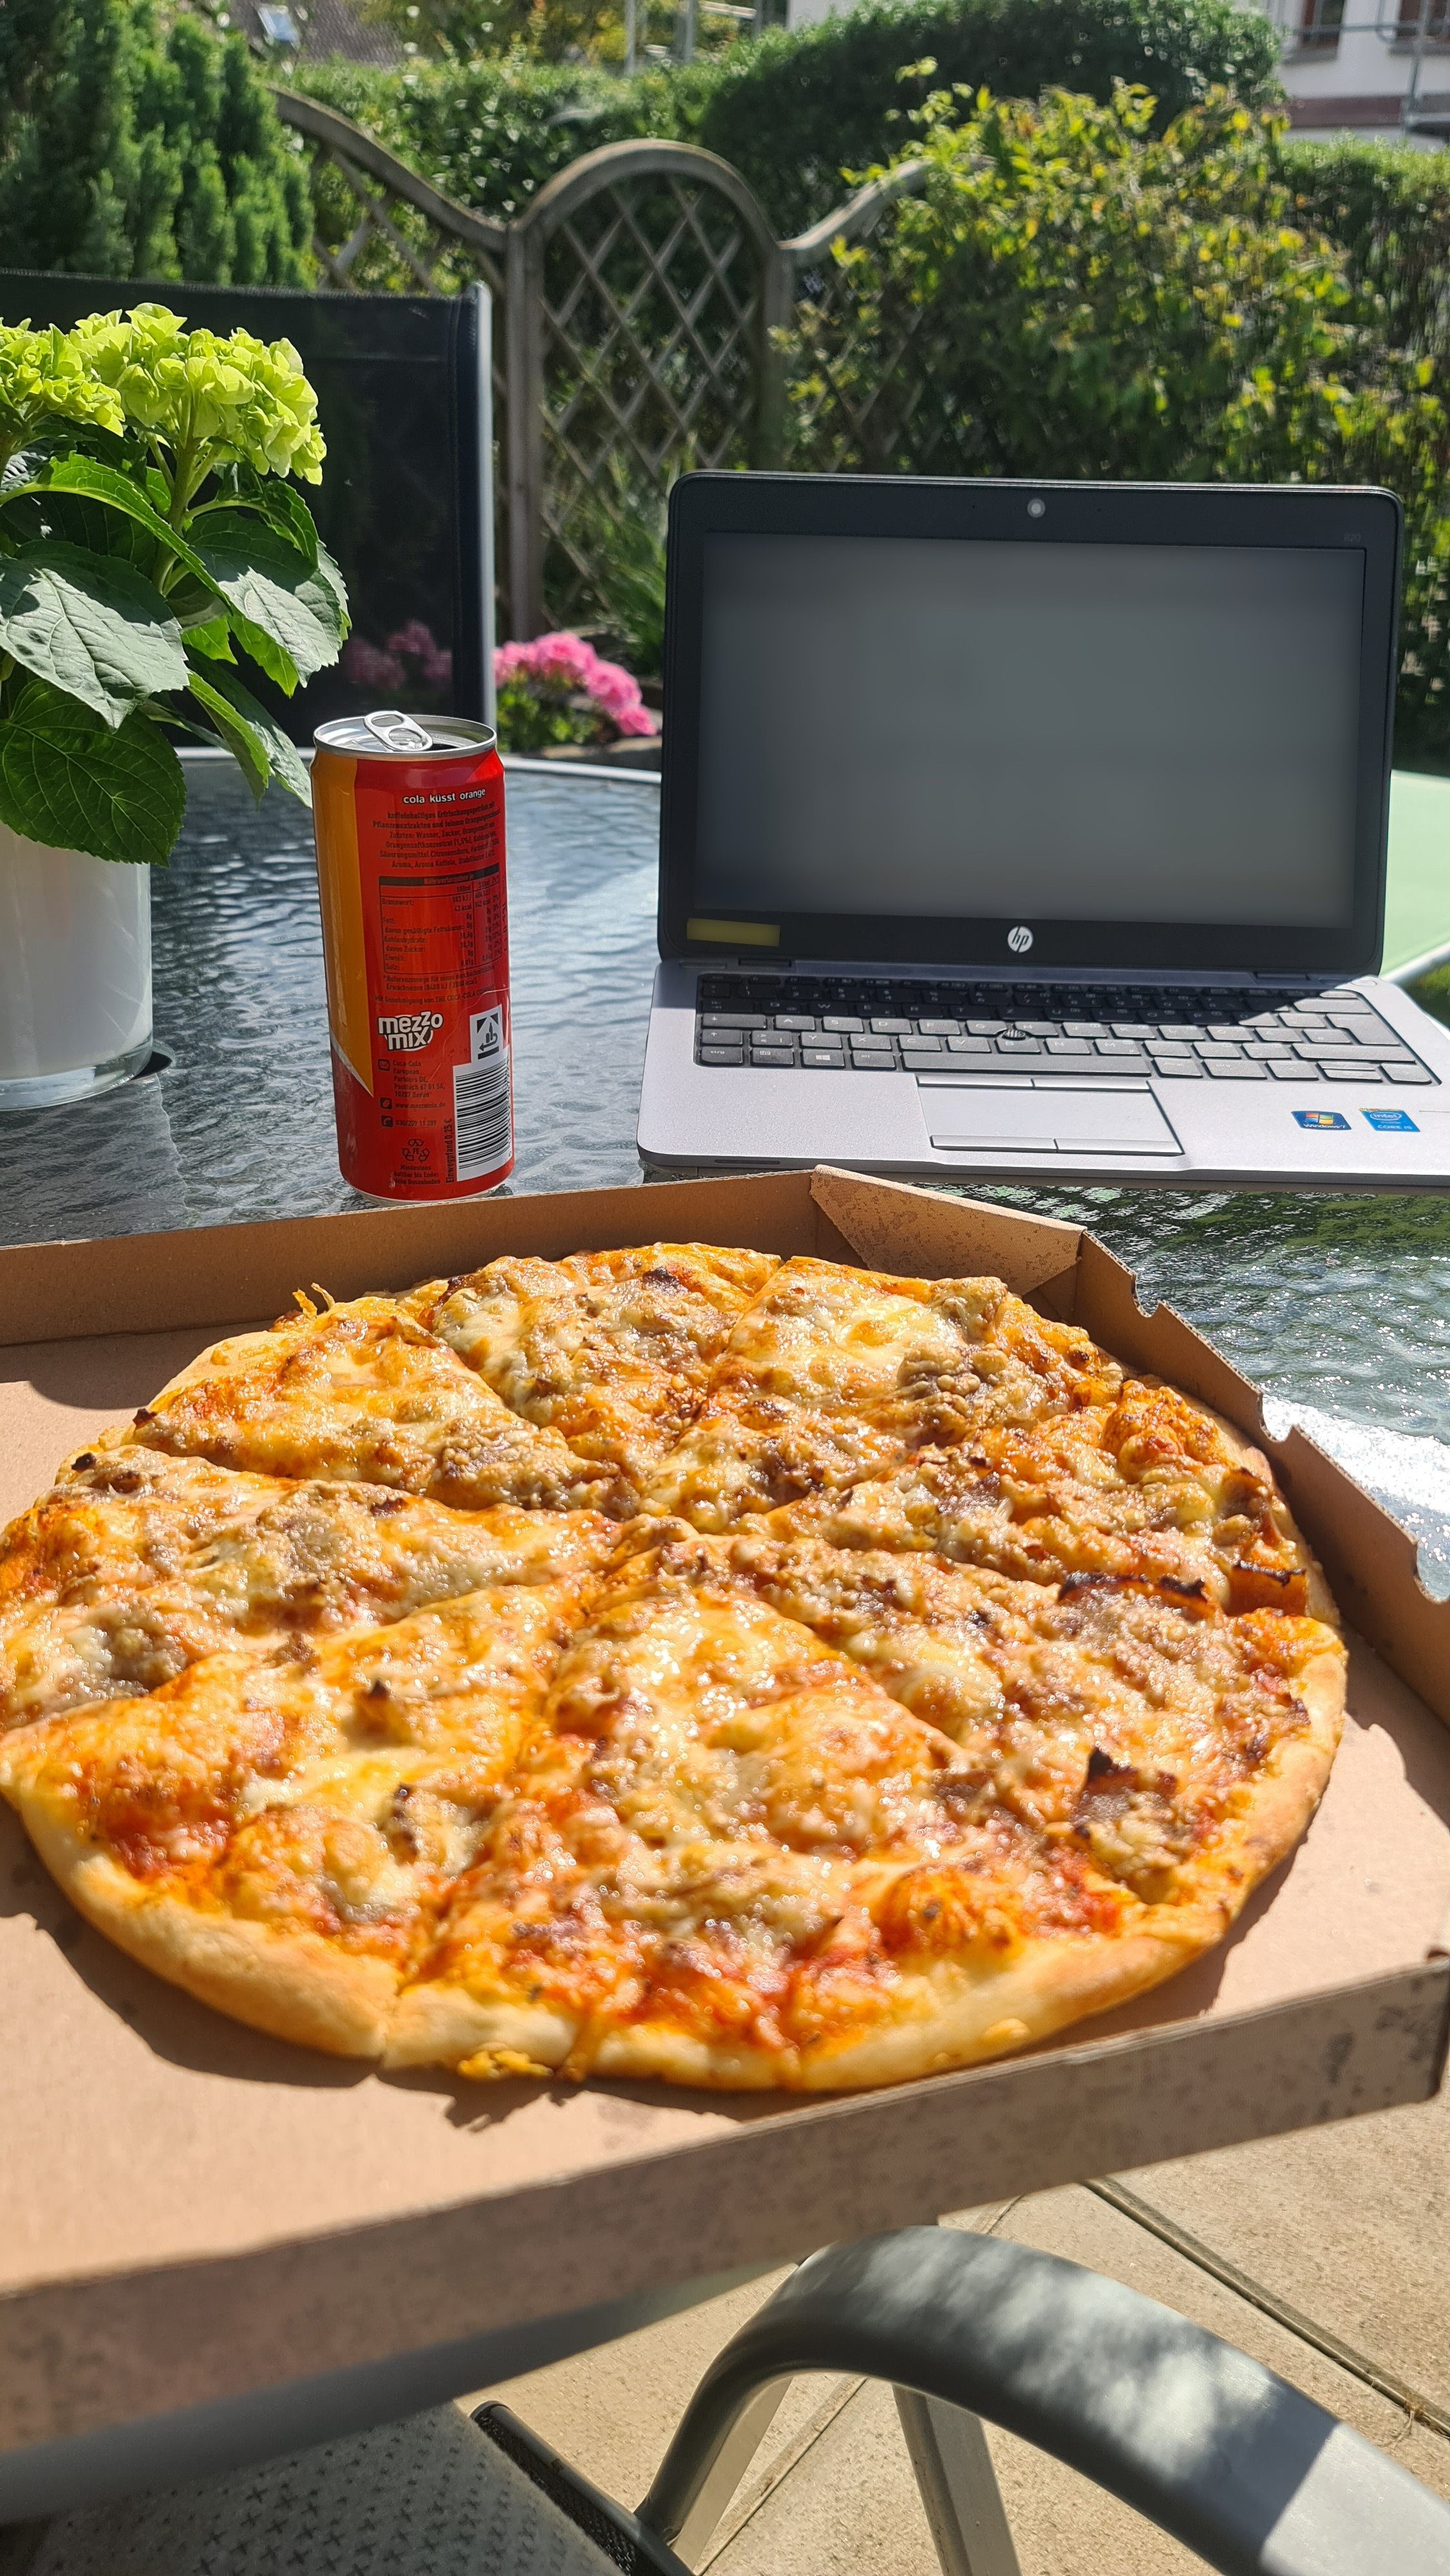 https://foodloader.net/Holz_2020-09-11_Pizza.jpg